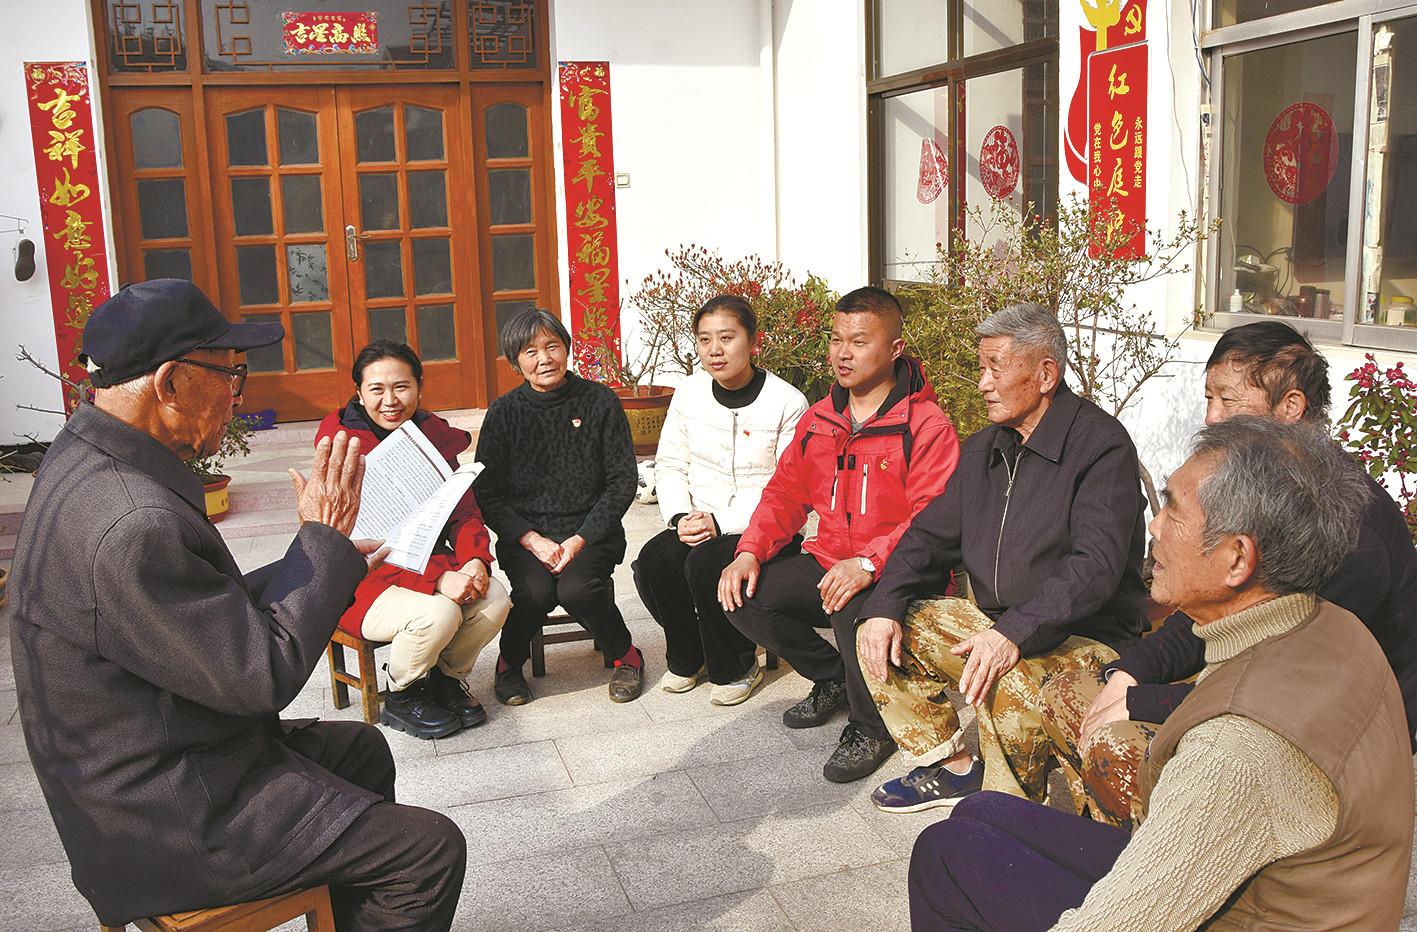 91岁老党员讲述抗日故事 重温红色记忆